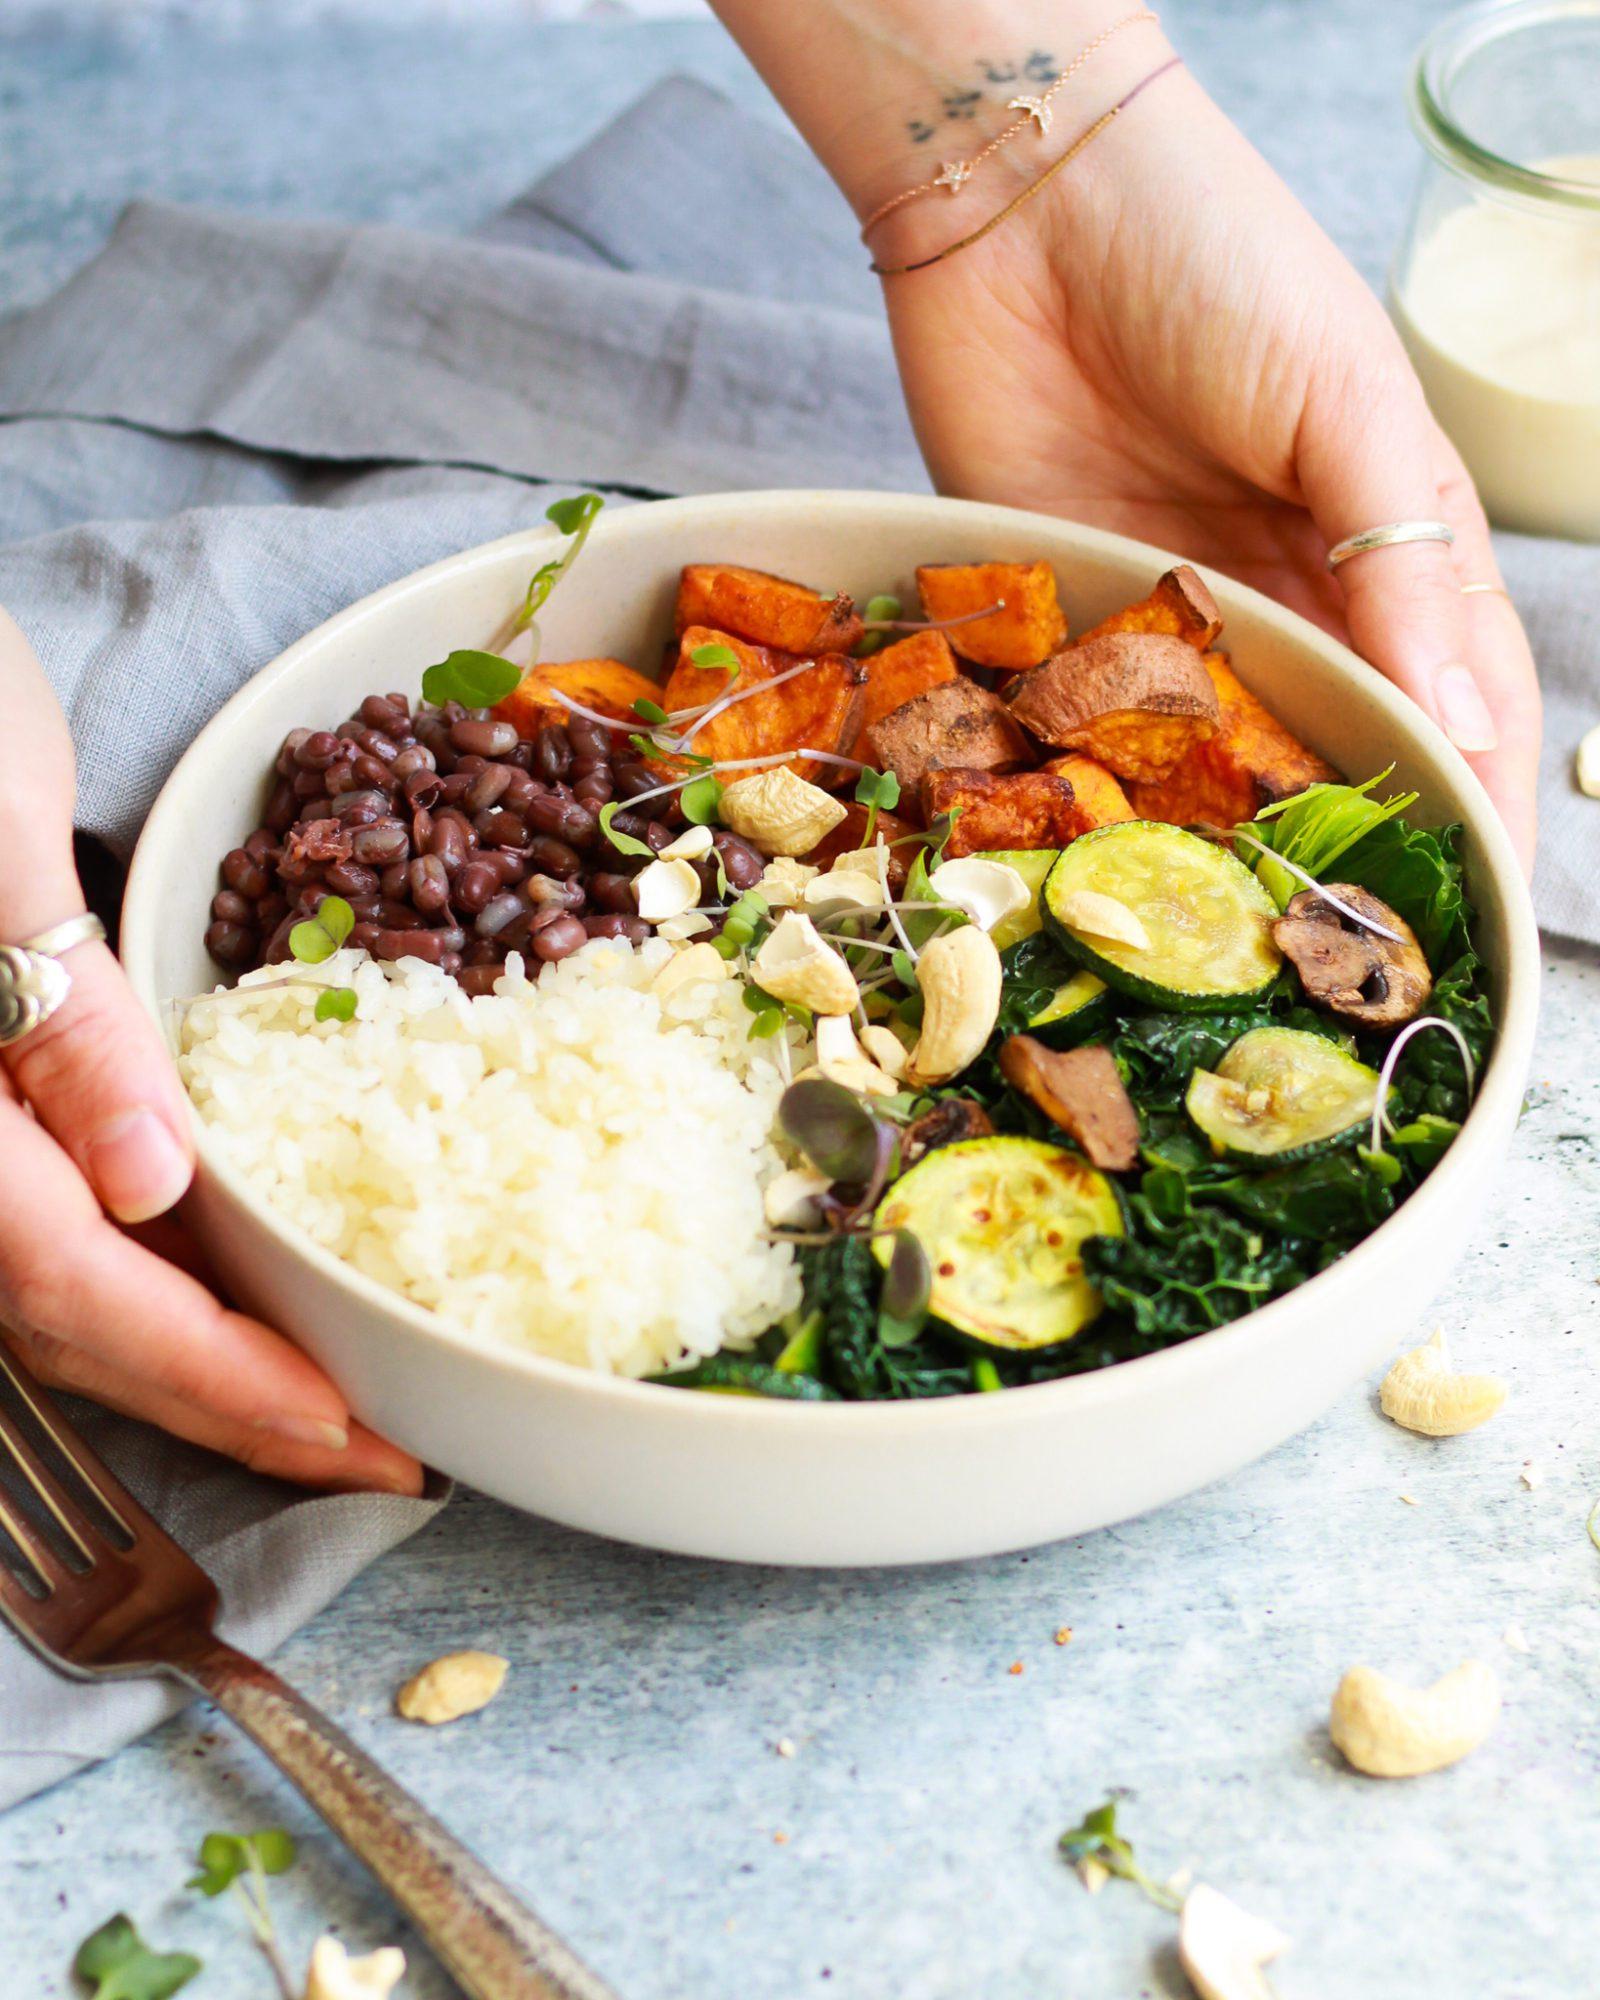 3/4 shot of macrobiotic bowl held by hands with vegan tahini sauce